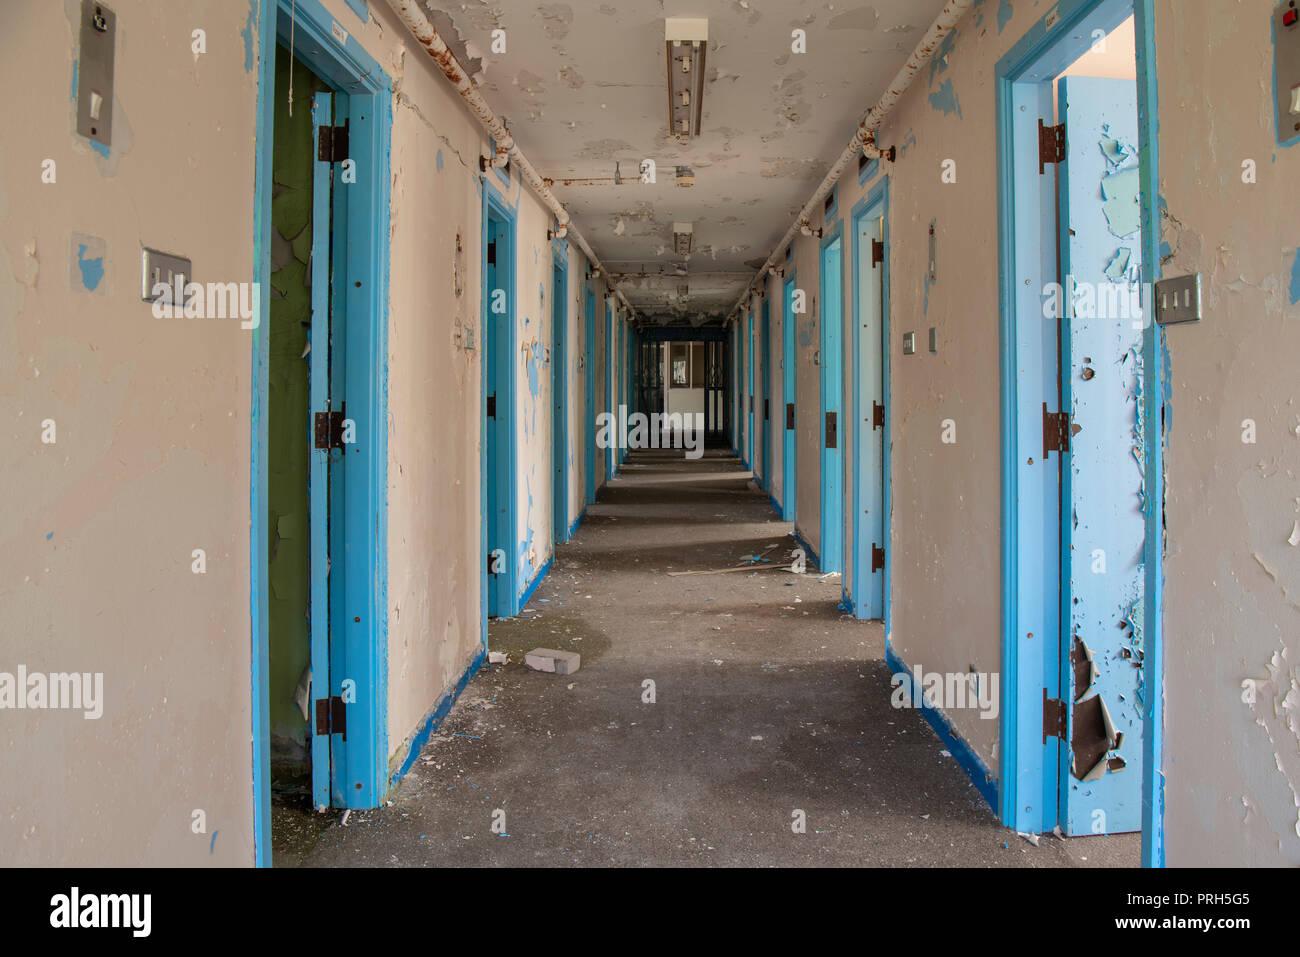 Les portes des cellules de prison de corridor à l'intérieur d'une prison abandonnée. Photo Stock